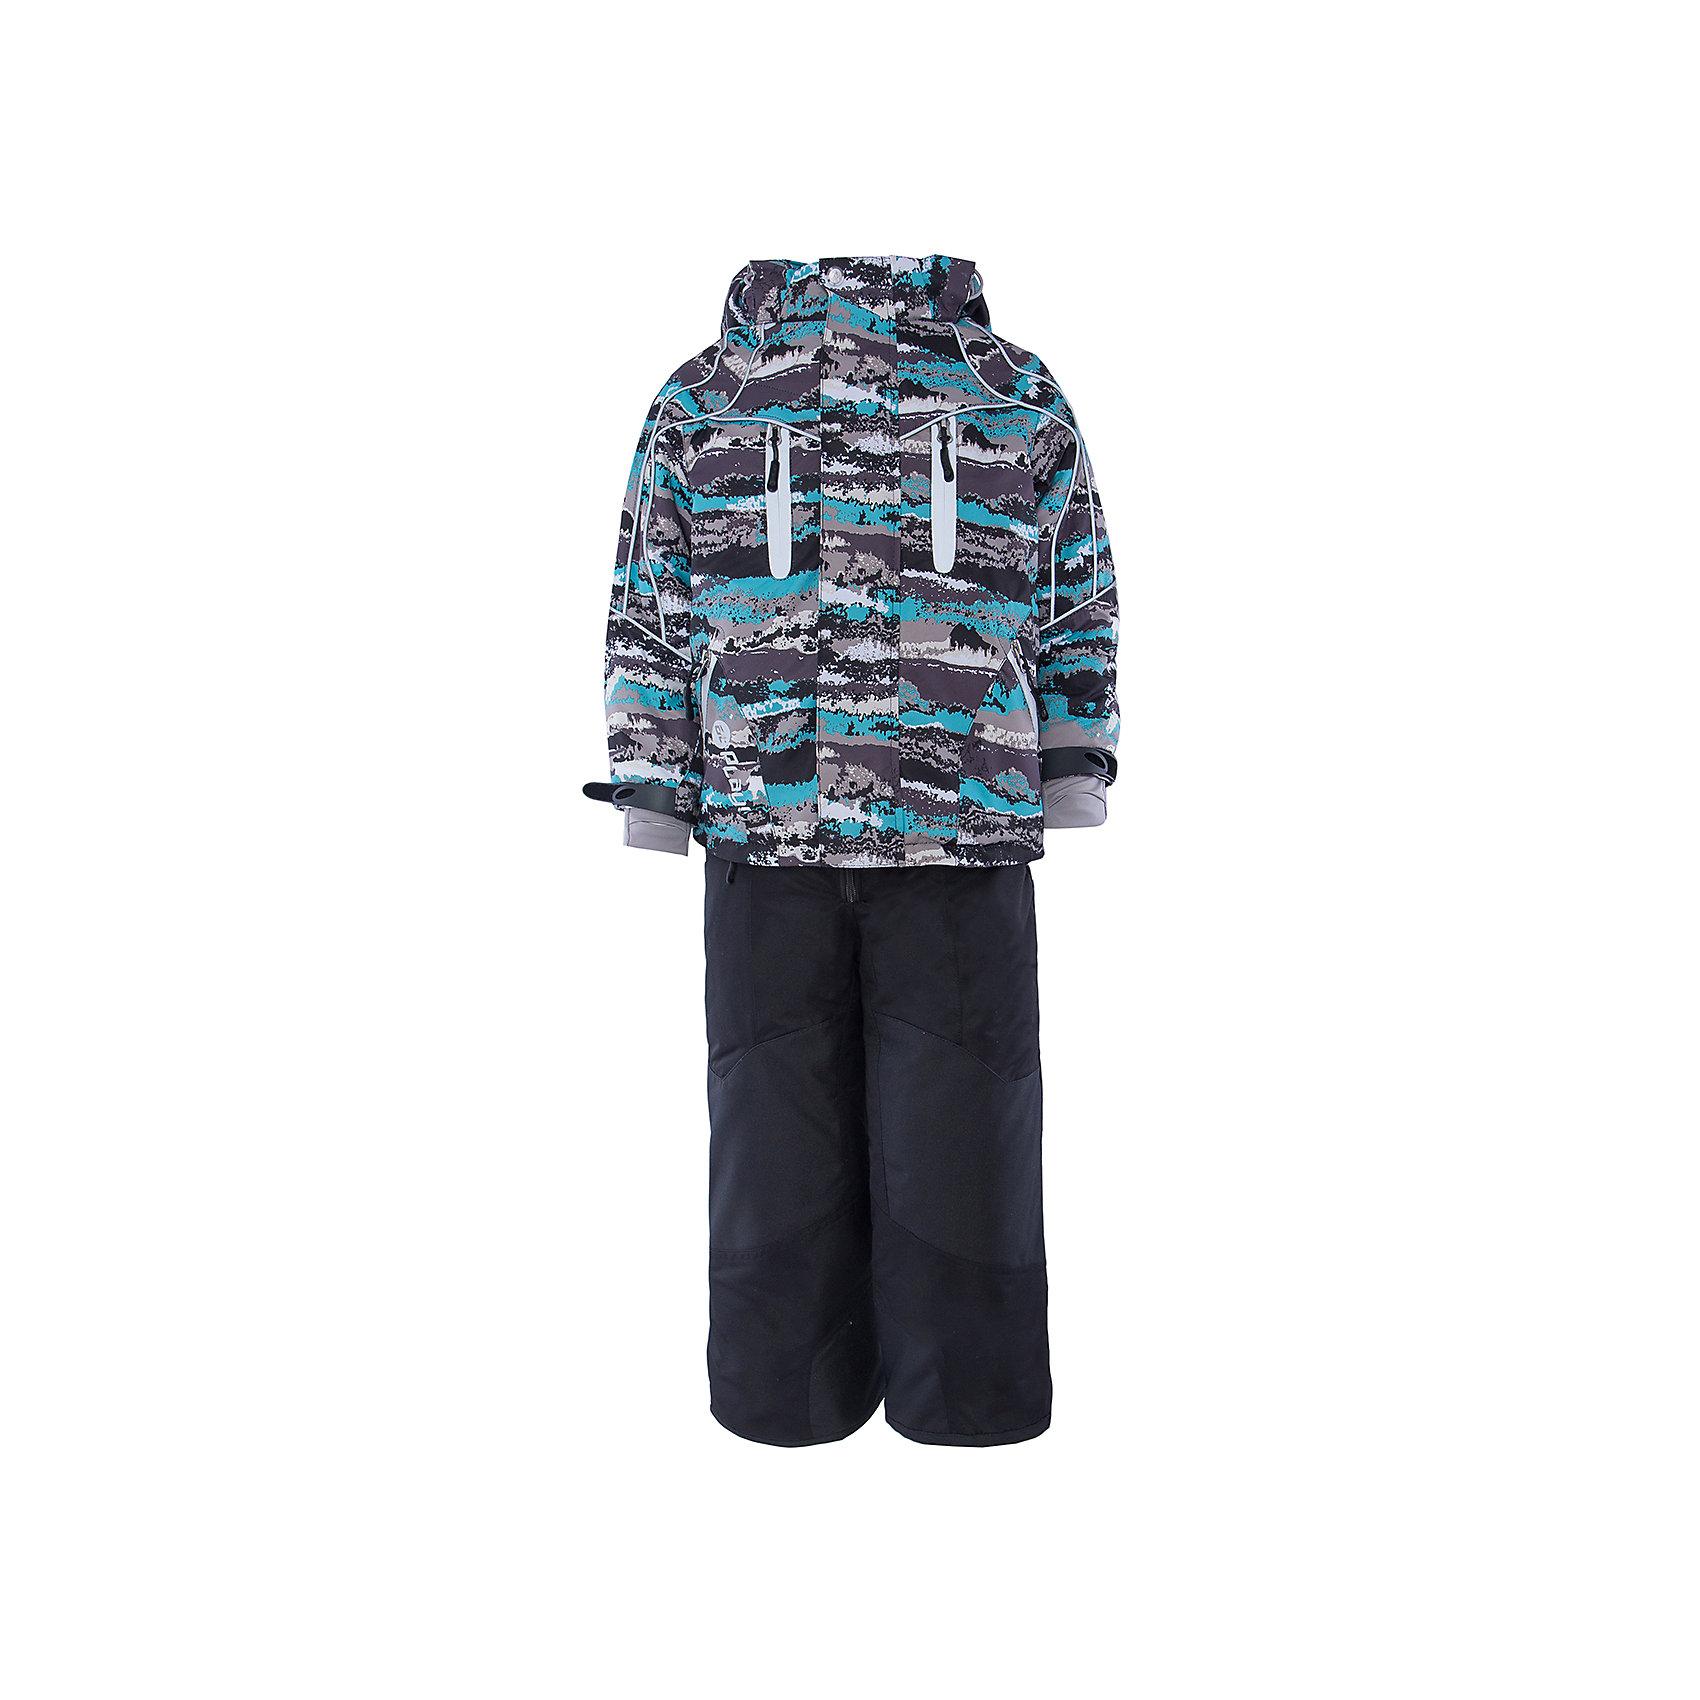 Комплект: куртка и полукомбинезон для мальчика atPlay!В холода необходимо особенно тщательно подходить к подбору одежды для ребенка. Чтобы обеспечить ему тепло, сухость и комфорт, можно выбрать этот костюм, сшитый из мембранного материала.<br>Он позволяет коже дышать, помогает выводить лишнюю влагу, при этом не позволяет ребенку замерзнуть или промокнуть. Выглядит при этом модель очень симпатично! Изделие выполнено очень качественно. Фурнитура для него подбиралась с учетом особенностей детского организма. В комплекте идет курточка и полукомбинезон.<br><br><br>Дополнительная информация:<br><br>цвет: серый, голубой;<br>материал: полиэстер, фурнитура YKK, водо- и грязеотталкивающее покрытие Teflon, нижний комбинезон - флис;<br>утеплитель: Thinsulate 150 г;<br>температурный режим: от -25° С до +5° С;<br>мягкие элементы на капюшоне и воротнике;<br>паропроницаемость: 10000 г / м.куб. / 24 ч;<br>водонепроницаемость: 10000 мм / 24 ч;<br>швы проклеены;<br>капюшон регулируется.<br><br>Костюм для мальчика от бренда atPlay! можно приобрести в нашем интернет-магазине.<br><br>Ширина мм: 356<br>Глубина мм: 10<br>Высота мм: 245<br>Вес г: 519<br>Цвет: серый/голубой<br>Возраст от месяцев: 36<br>Возраст до месяцев: 48<br>Пол: Мужской<br>Возраст: Детский<br>Размер: 104,128,122,116,110<br>SKU: 4973812